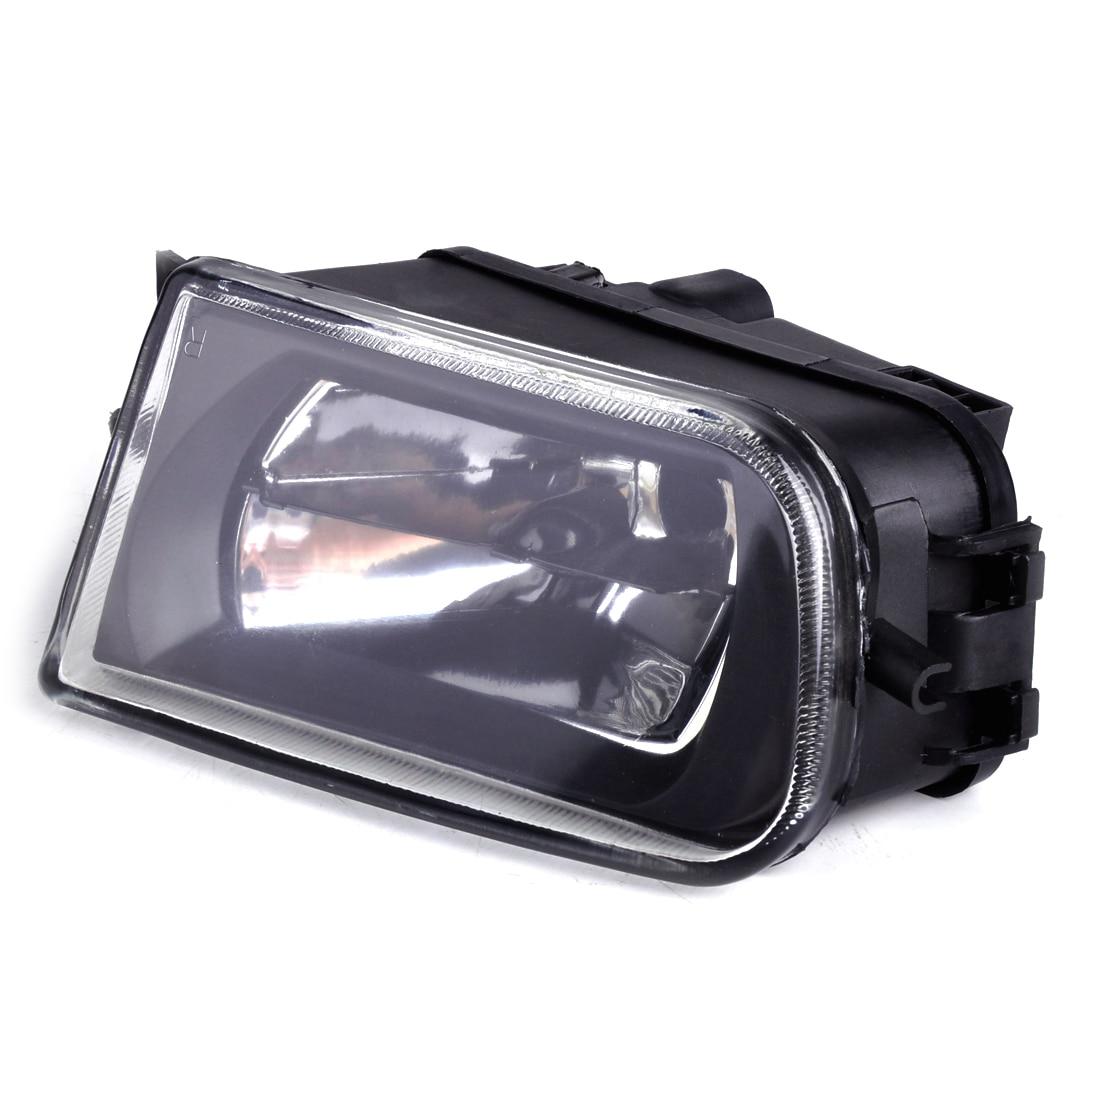 beler 63178360576 1Pc Right Fog Light Bumper Lamp 12V 55W Fit for BMW E36 Z3 E39 5 Series 528i 540i 535i 1997 1998 1999 2000